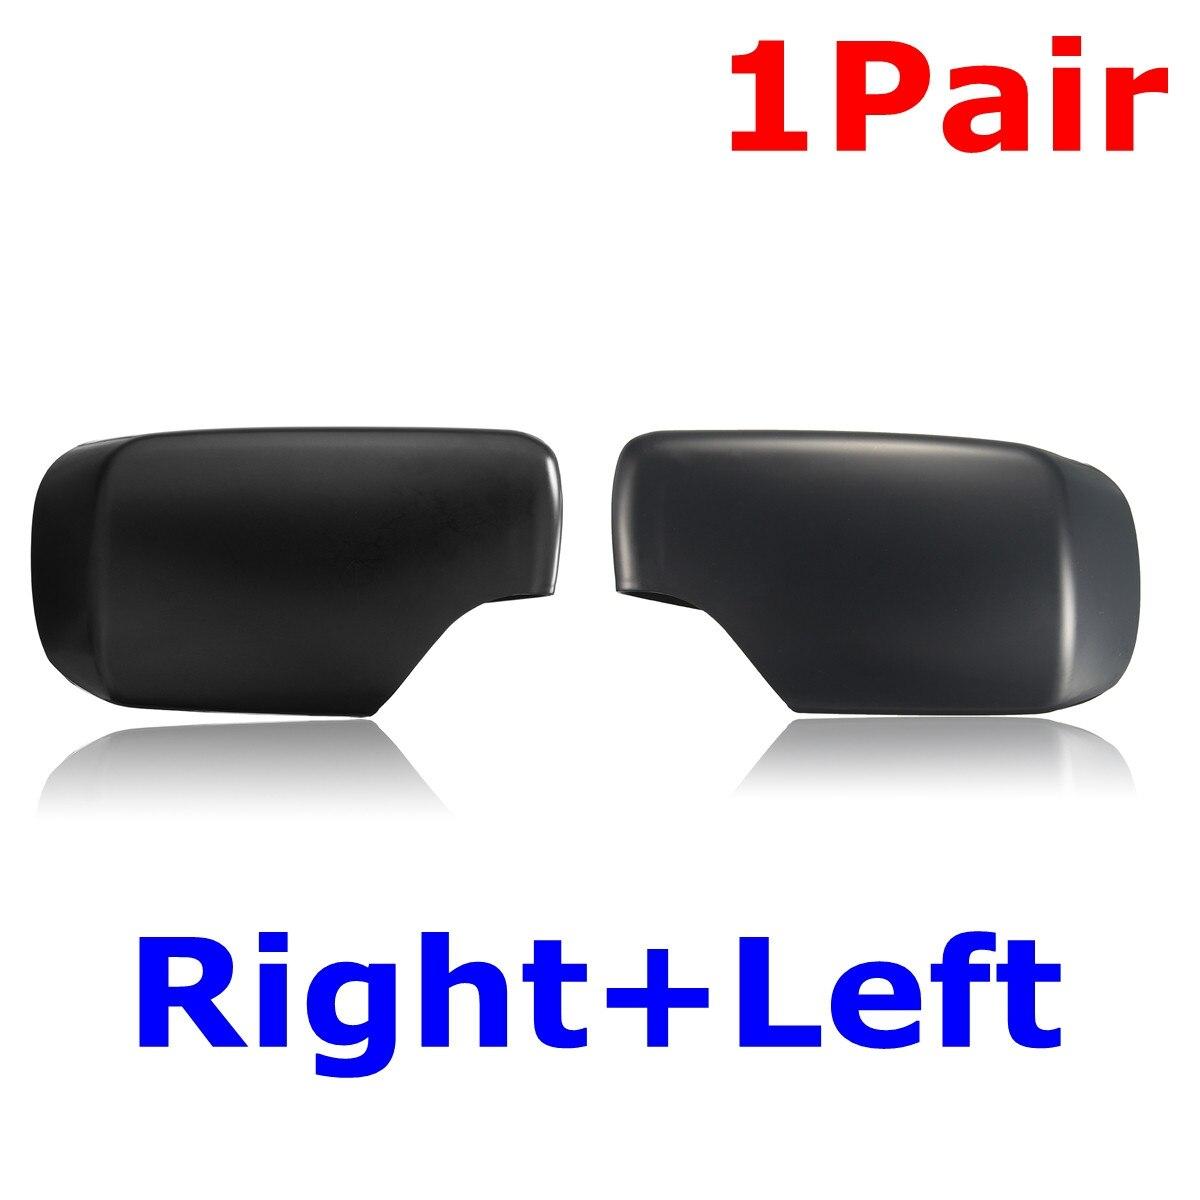 Left LH Side Door Mirror Cap Cover for BMW E39 E46 325i 330i 525i 51168238375